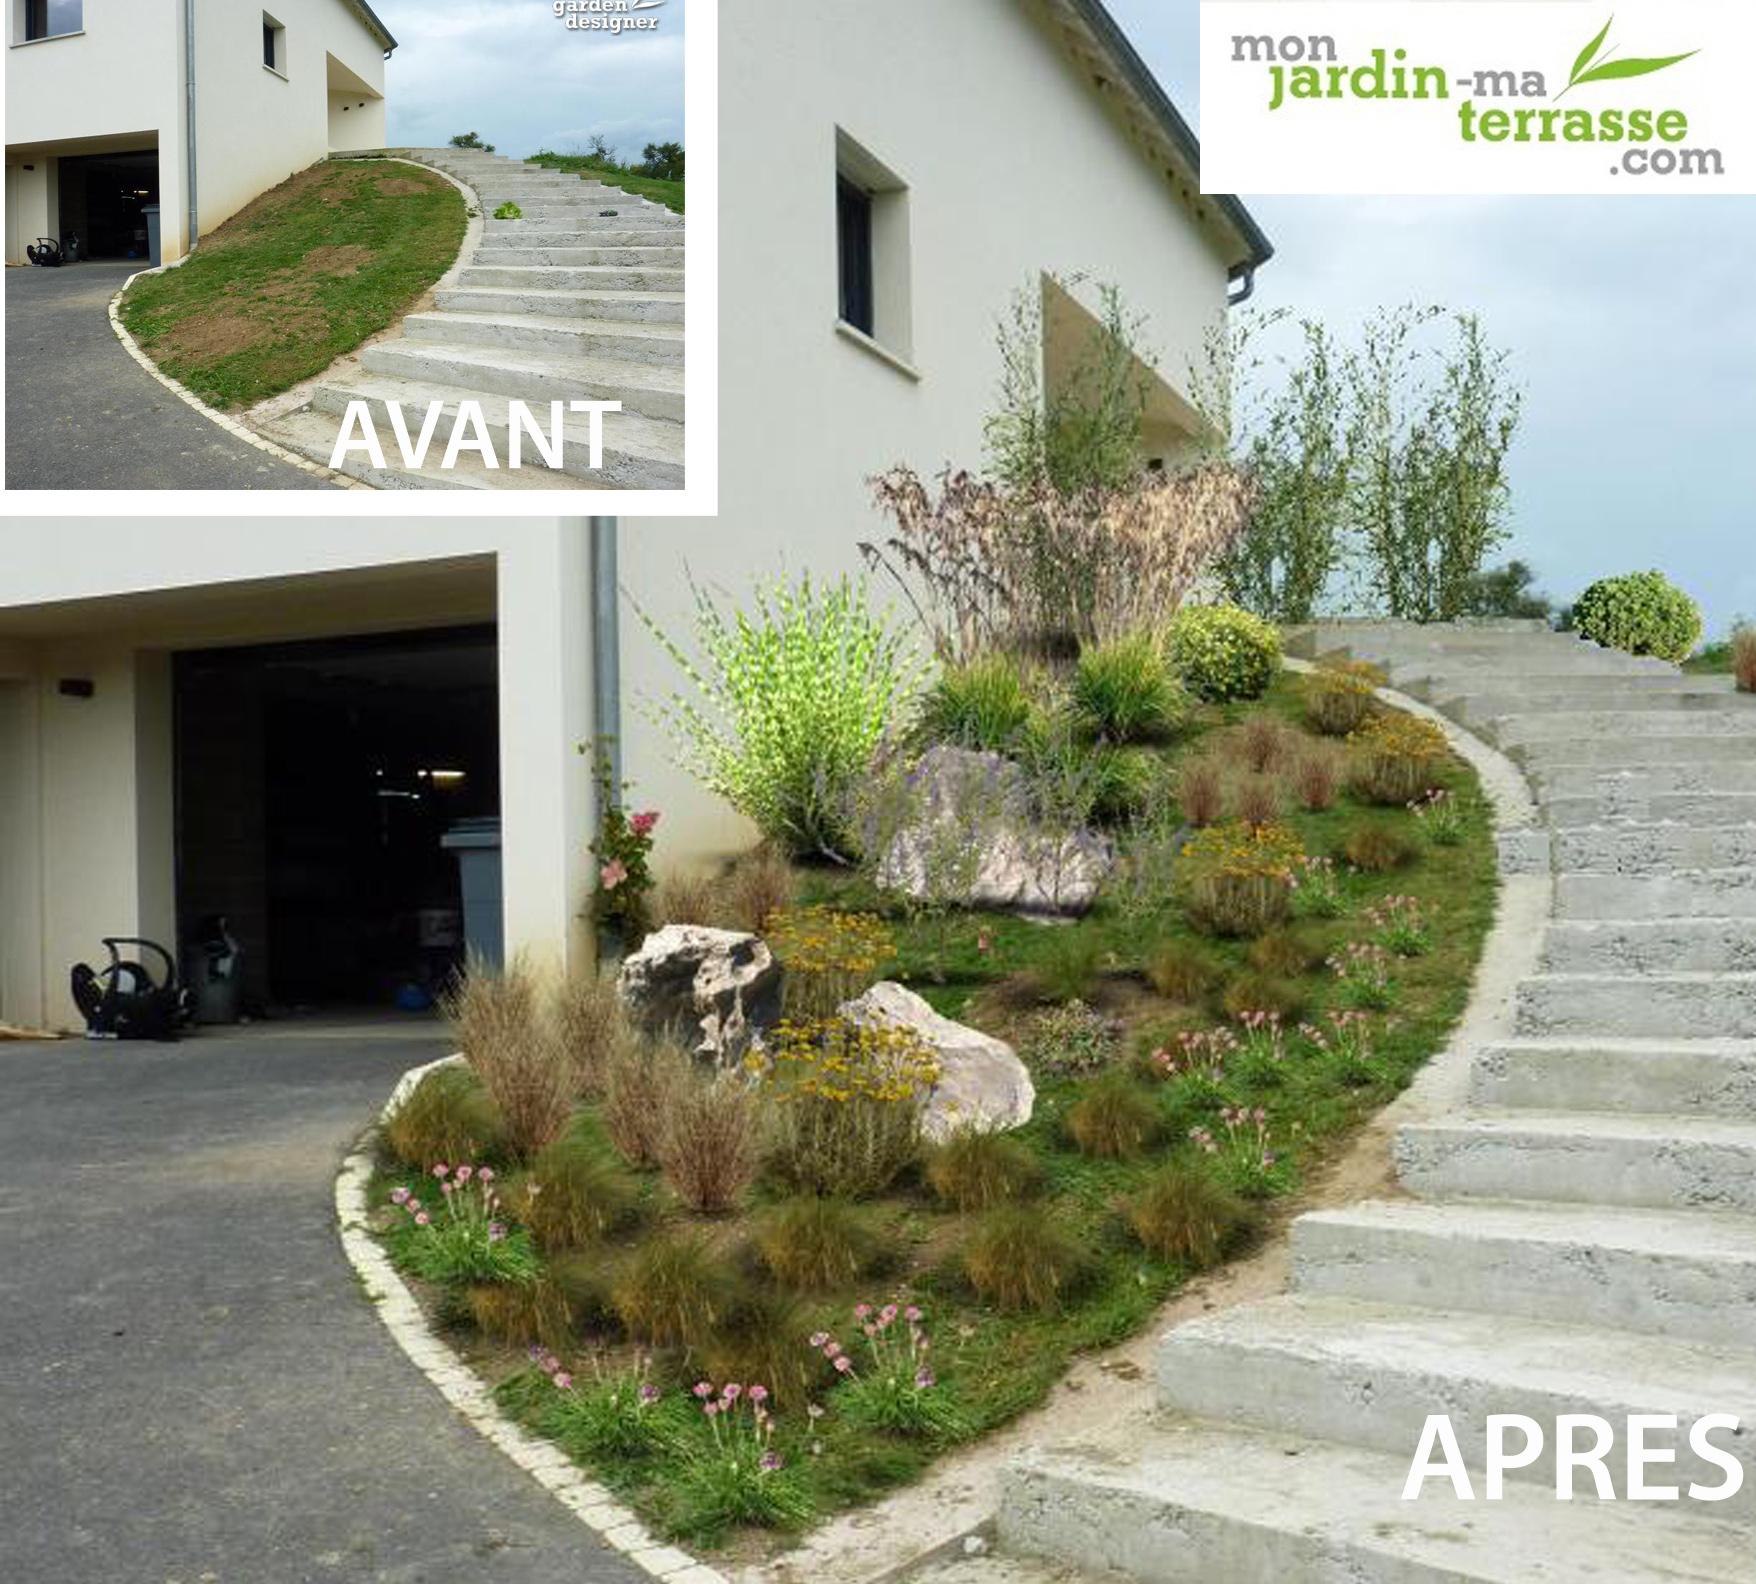 Aménager une entrée de jardin en pente   monjardin-materrasse.com - Aménagement Jardin En Pente